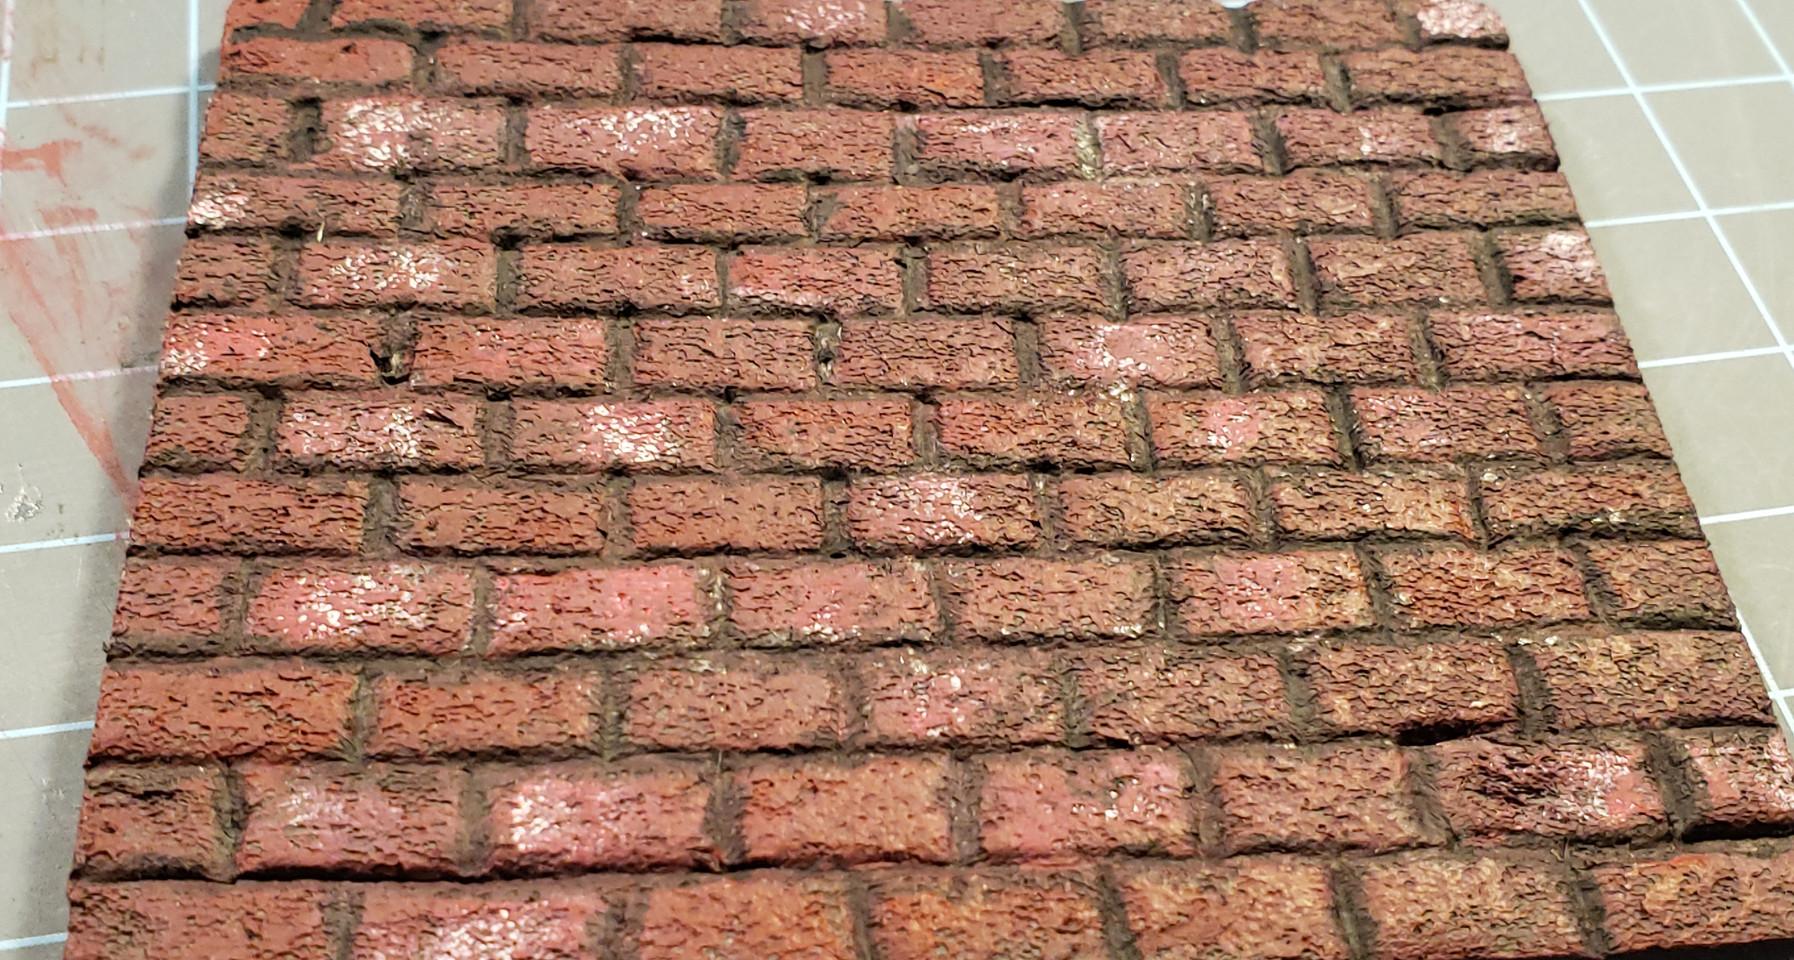 SC-Brickwall Closeup 1.jpg